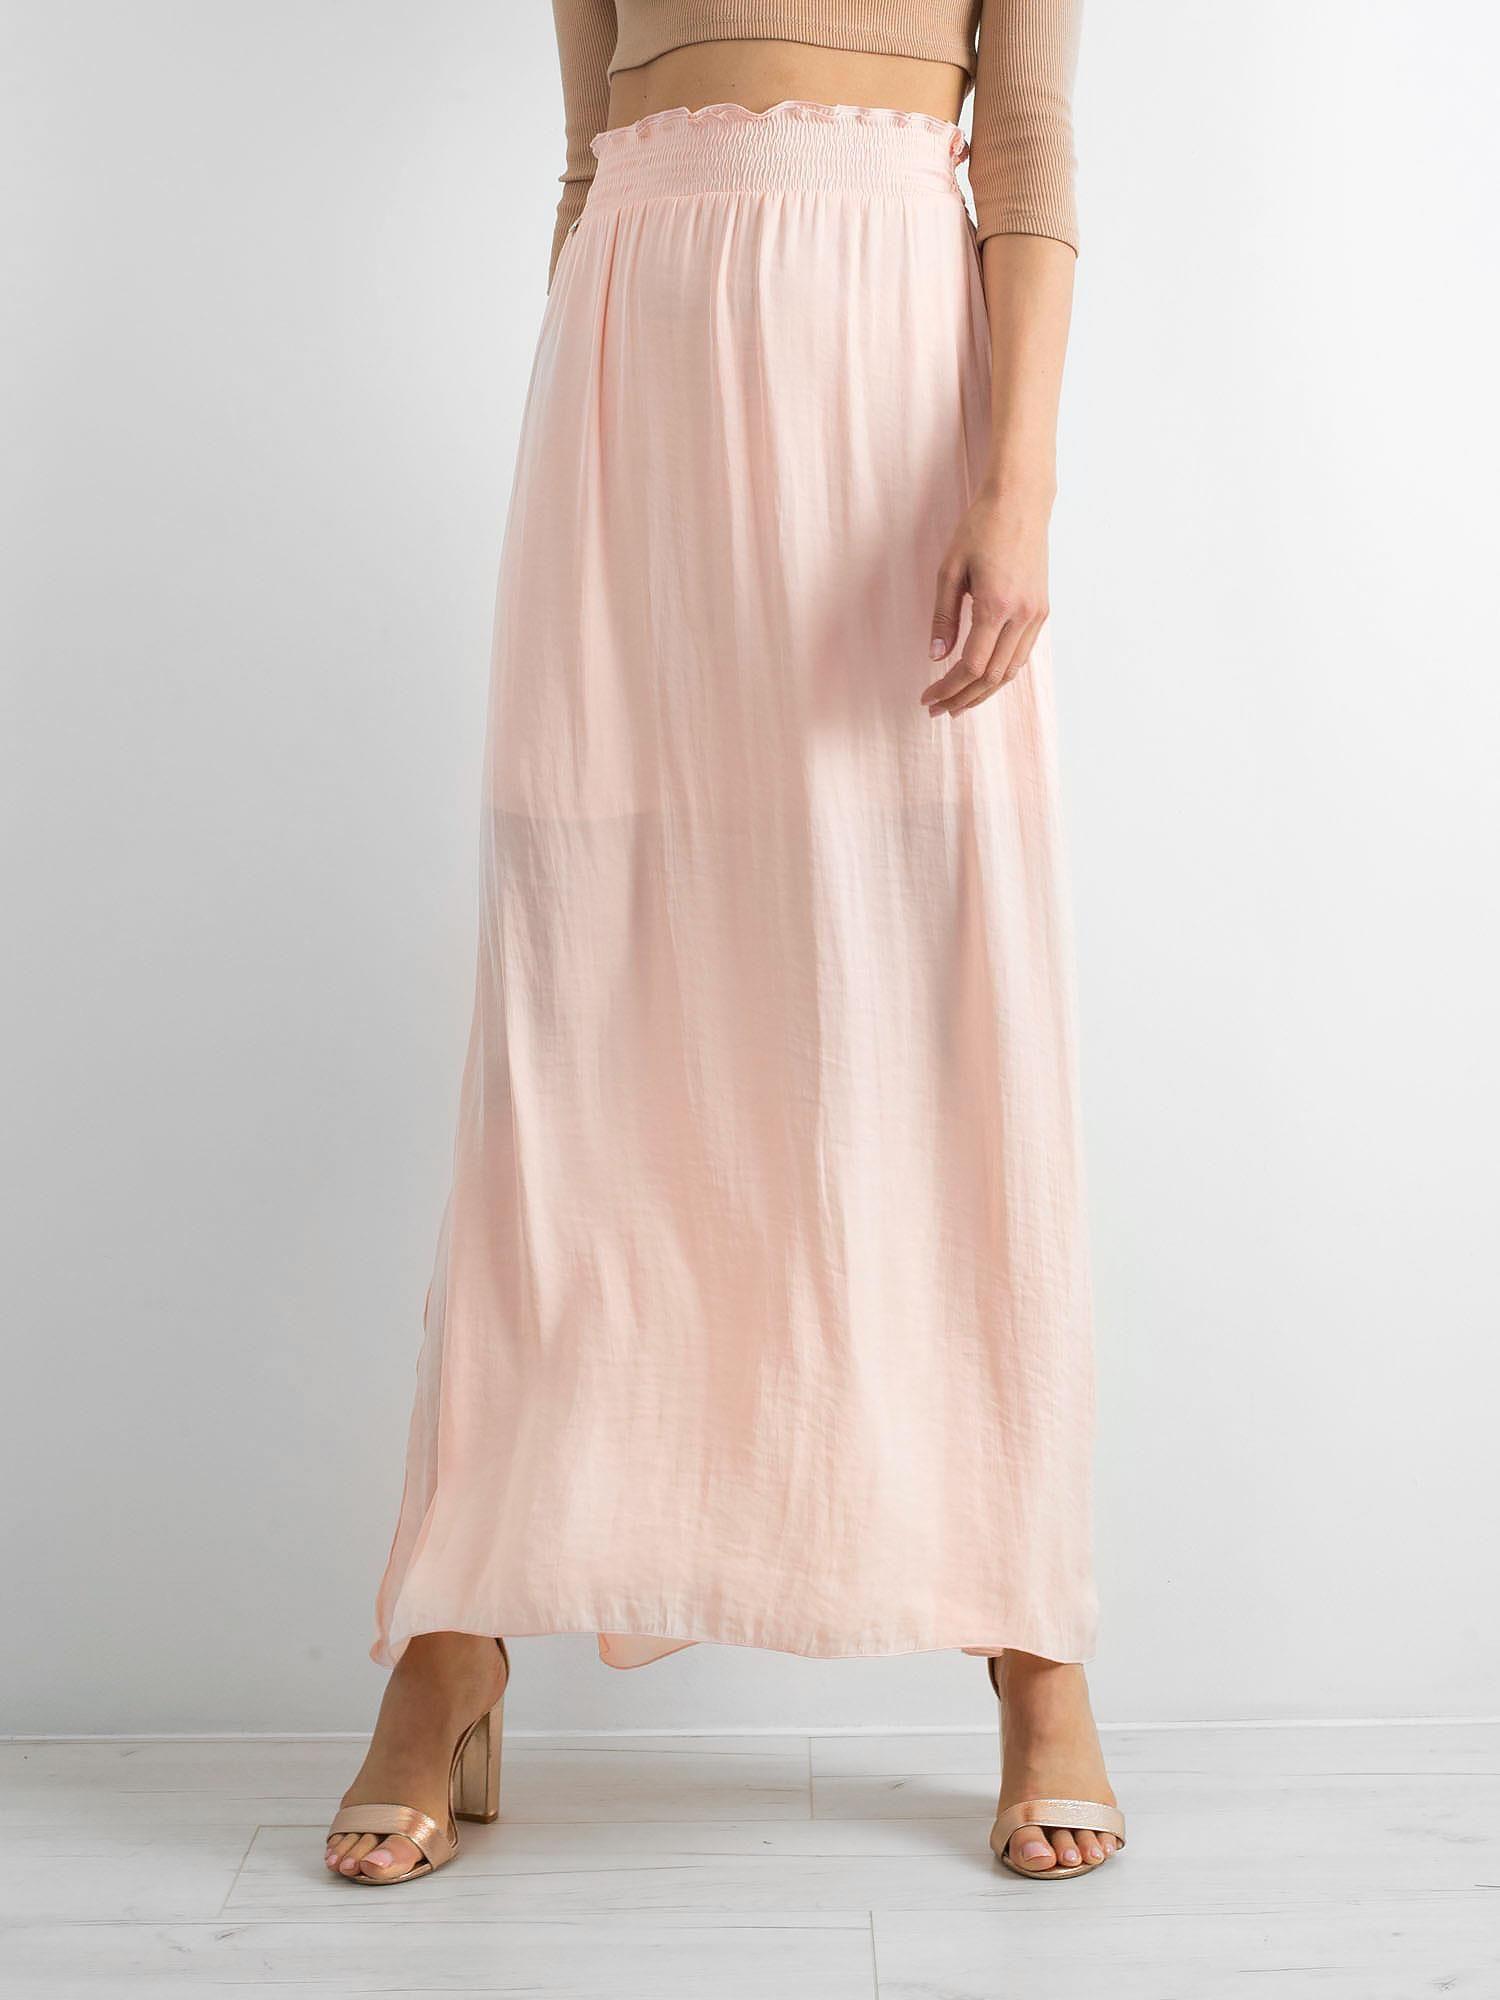 79d79d797c BY O LA LA Brzoskwiniowa długa spódnica - Spódnica rozkloszowana ...